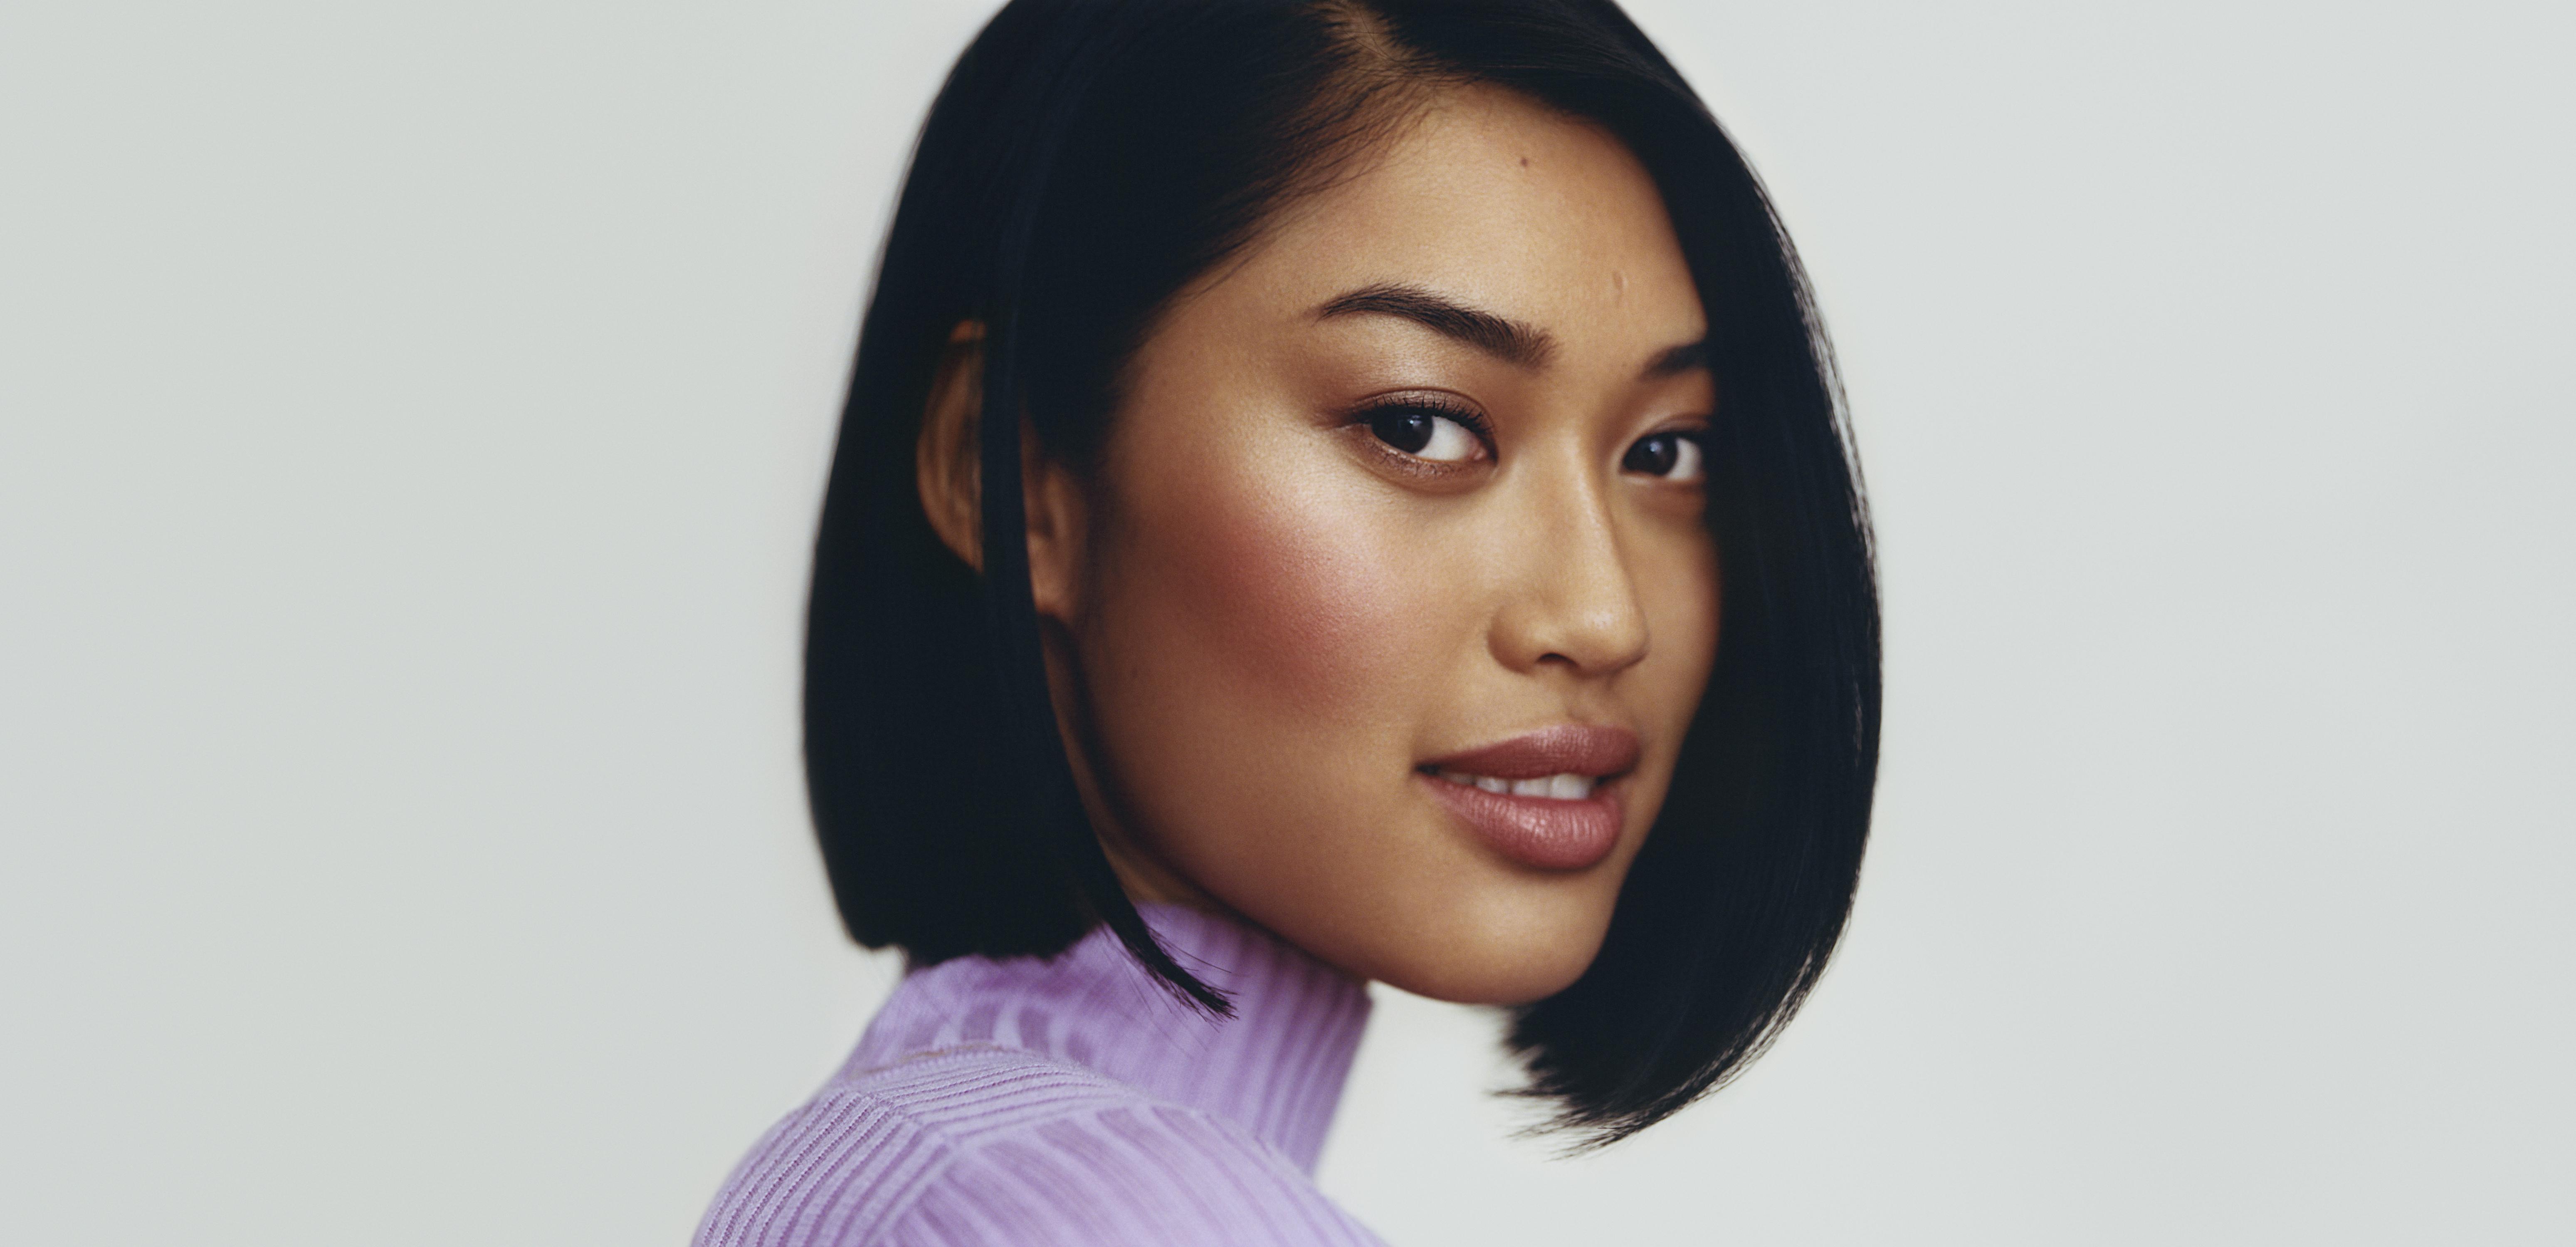 Zalando SE Press Release Beauty Campaign 2